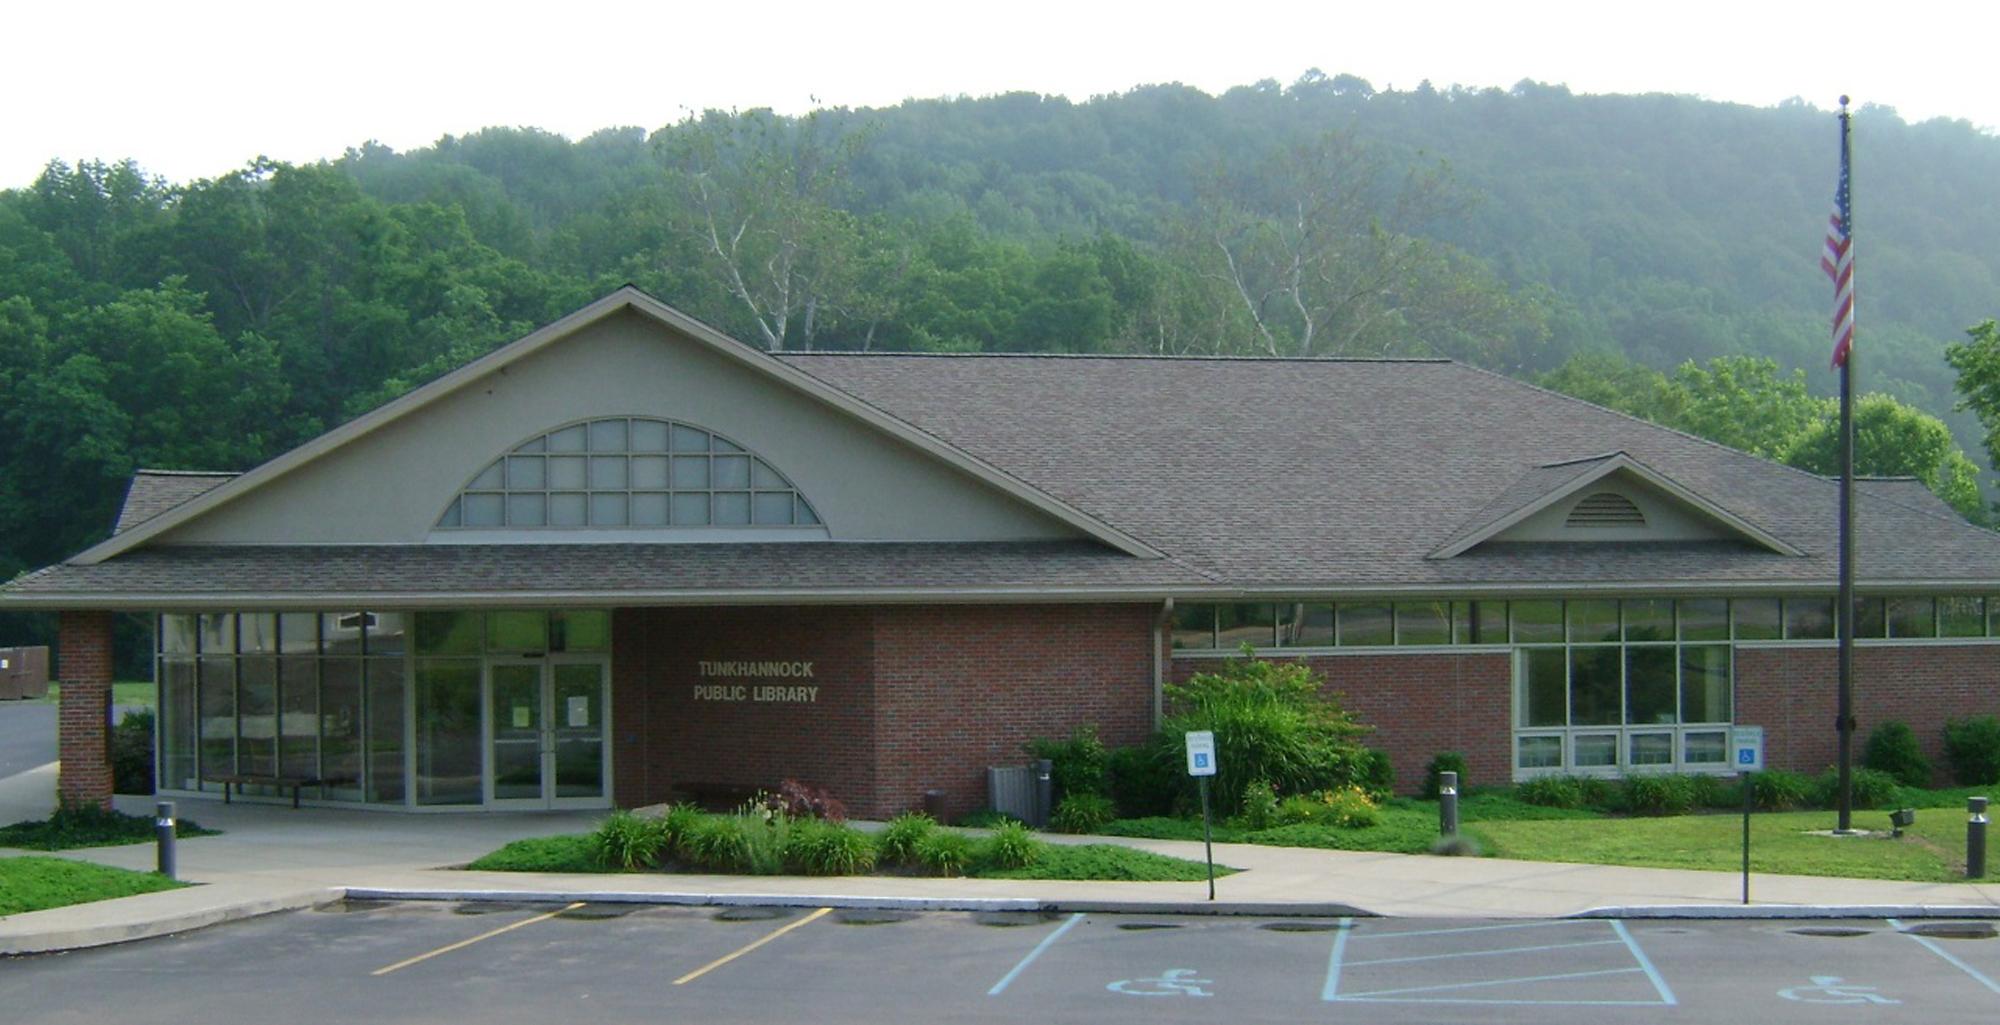 Tunkhannock Public Library - Tunkhannock, PA